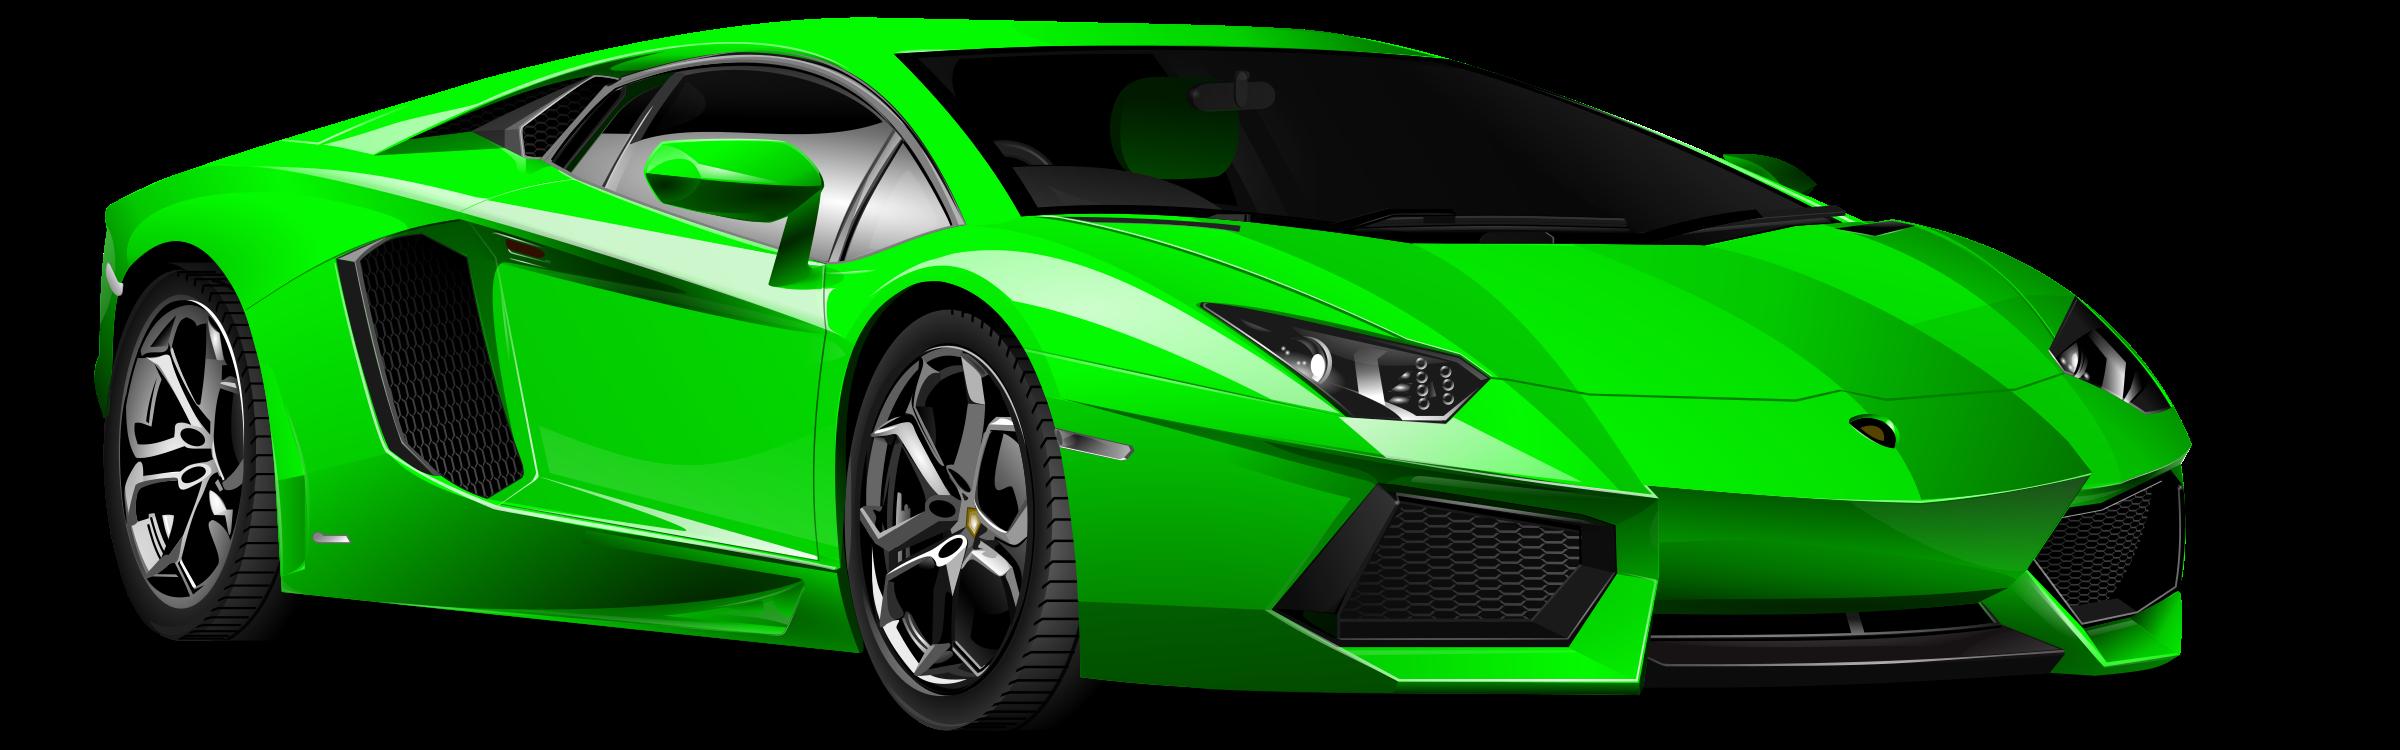 2400x750 Green Car Clipart